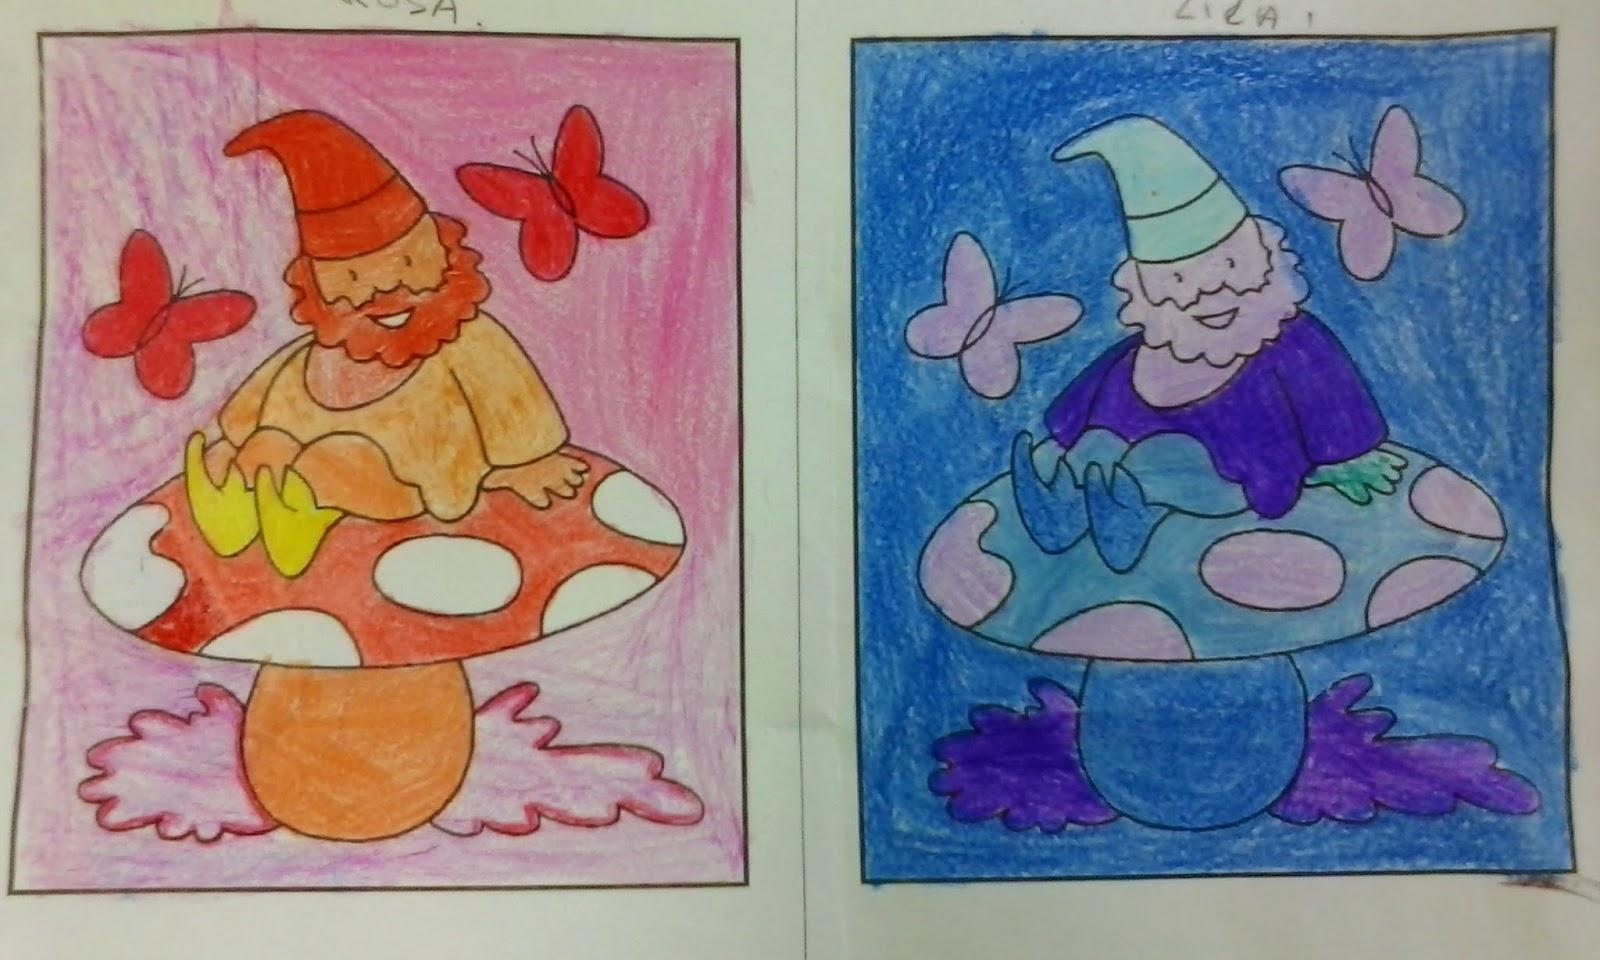 Dibujos Bonitos Con Colores Frios Imagesacolorierwebsite